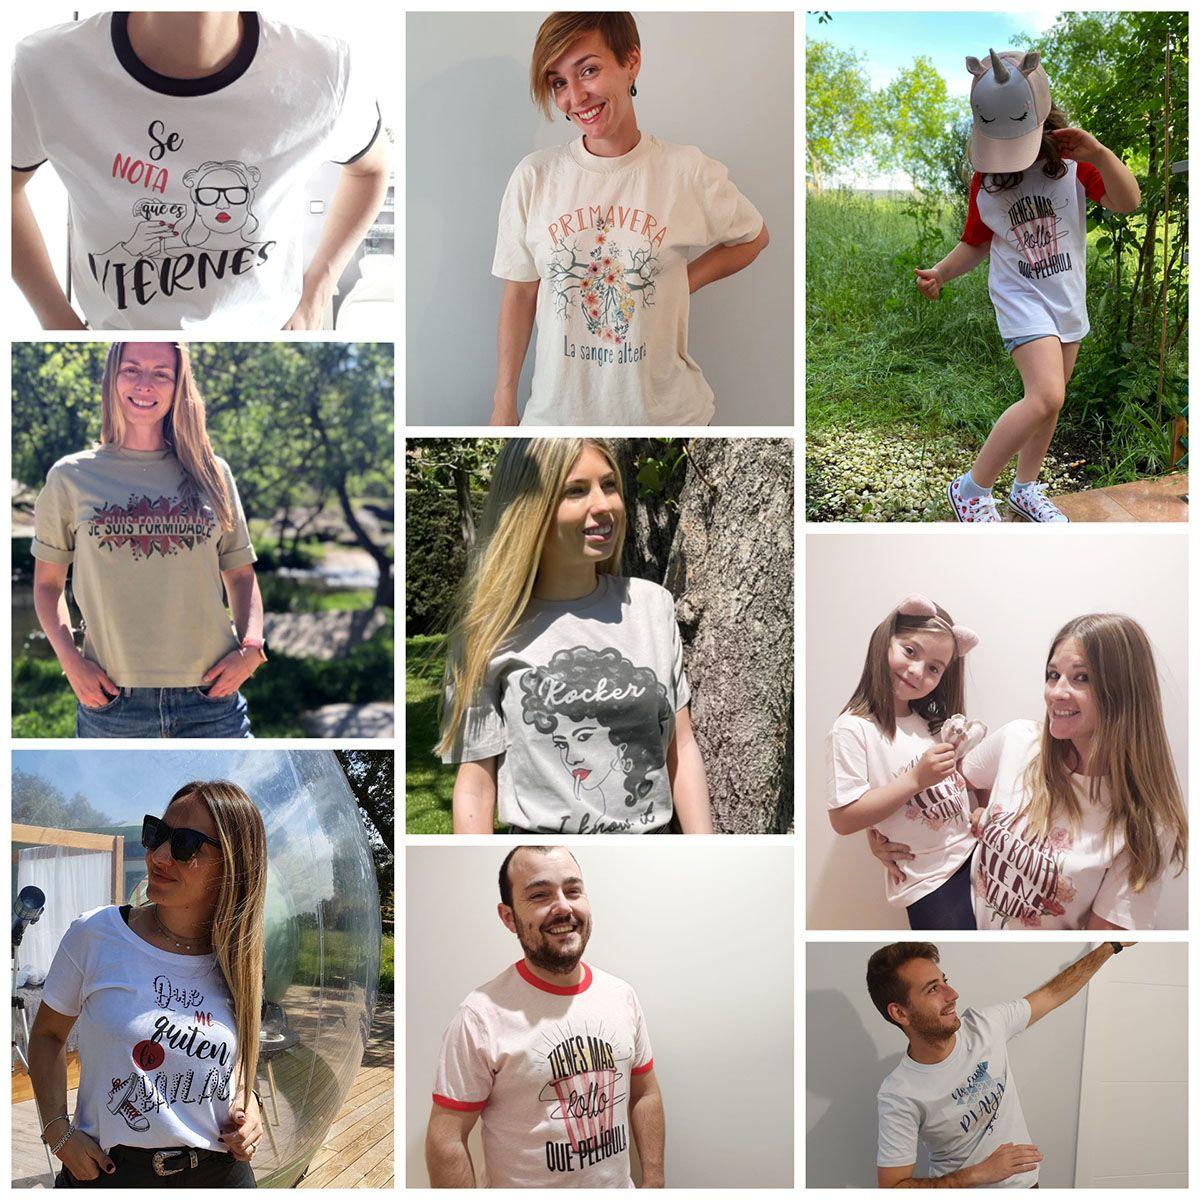 Dos y Dos, irrumpe en la industria de la moda con camisetas originales y apuesta por una moda sostenible